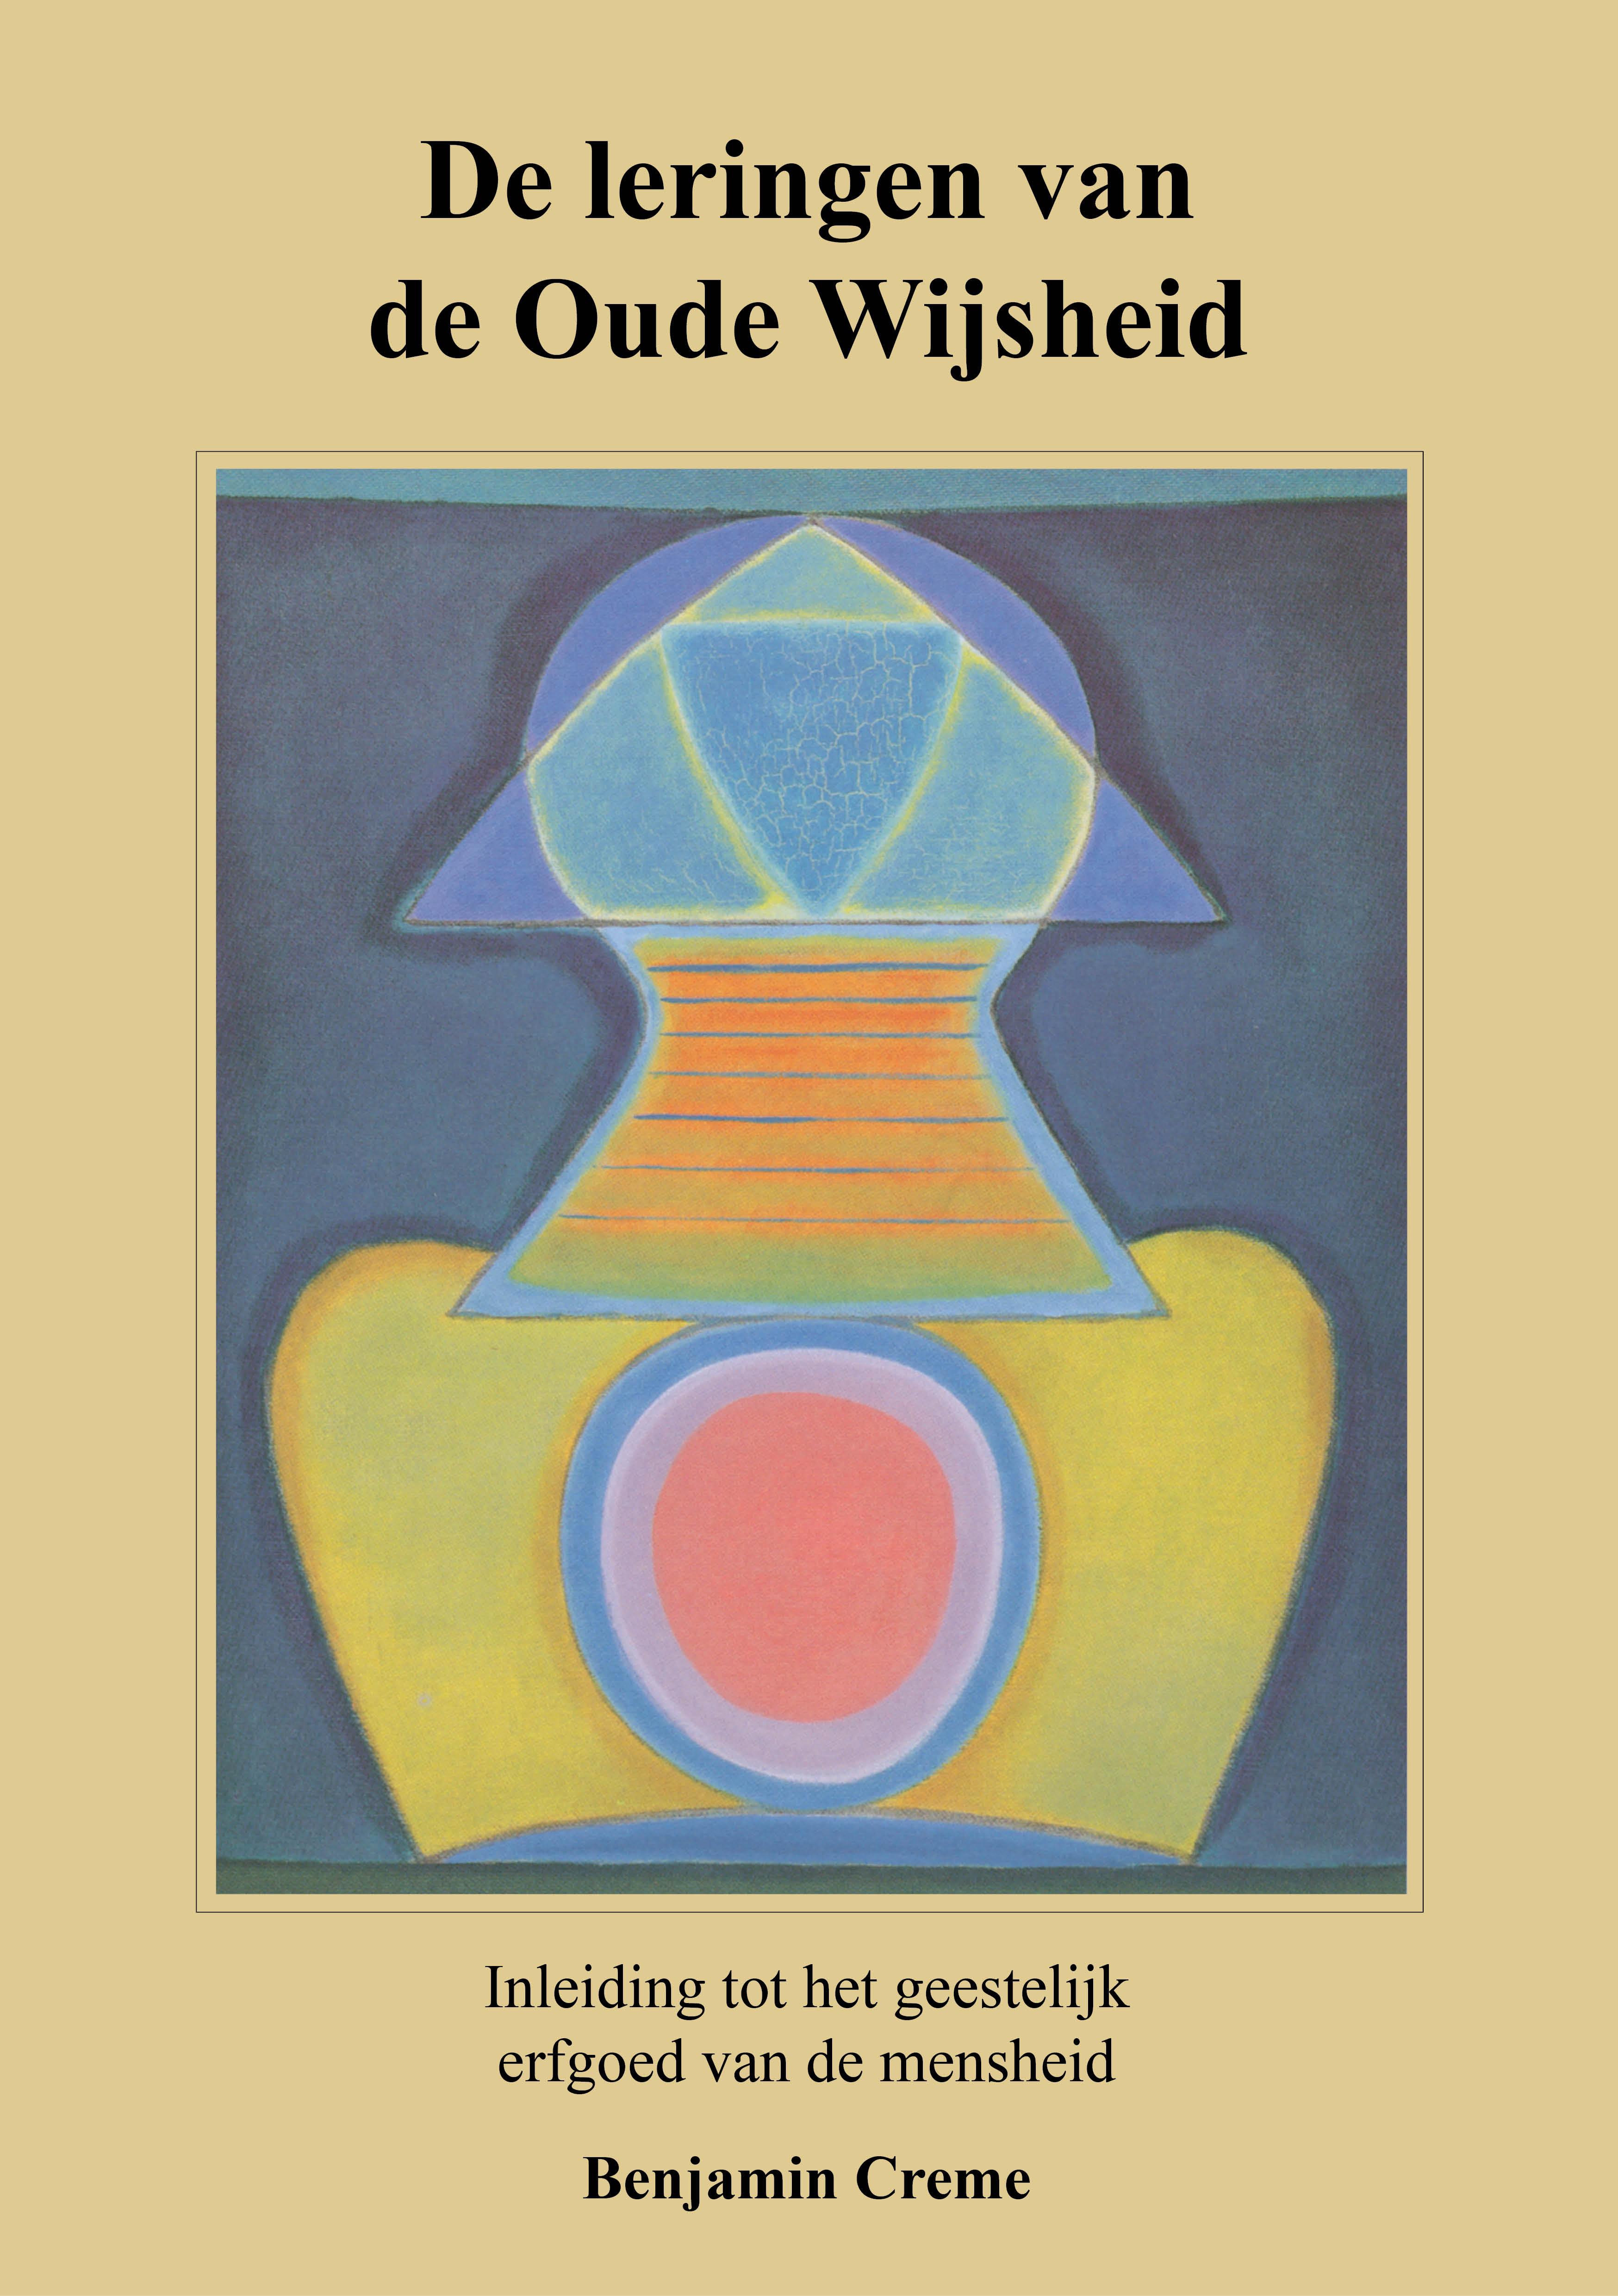 De leringen van de Oude Wijsheid